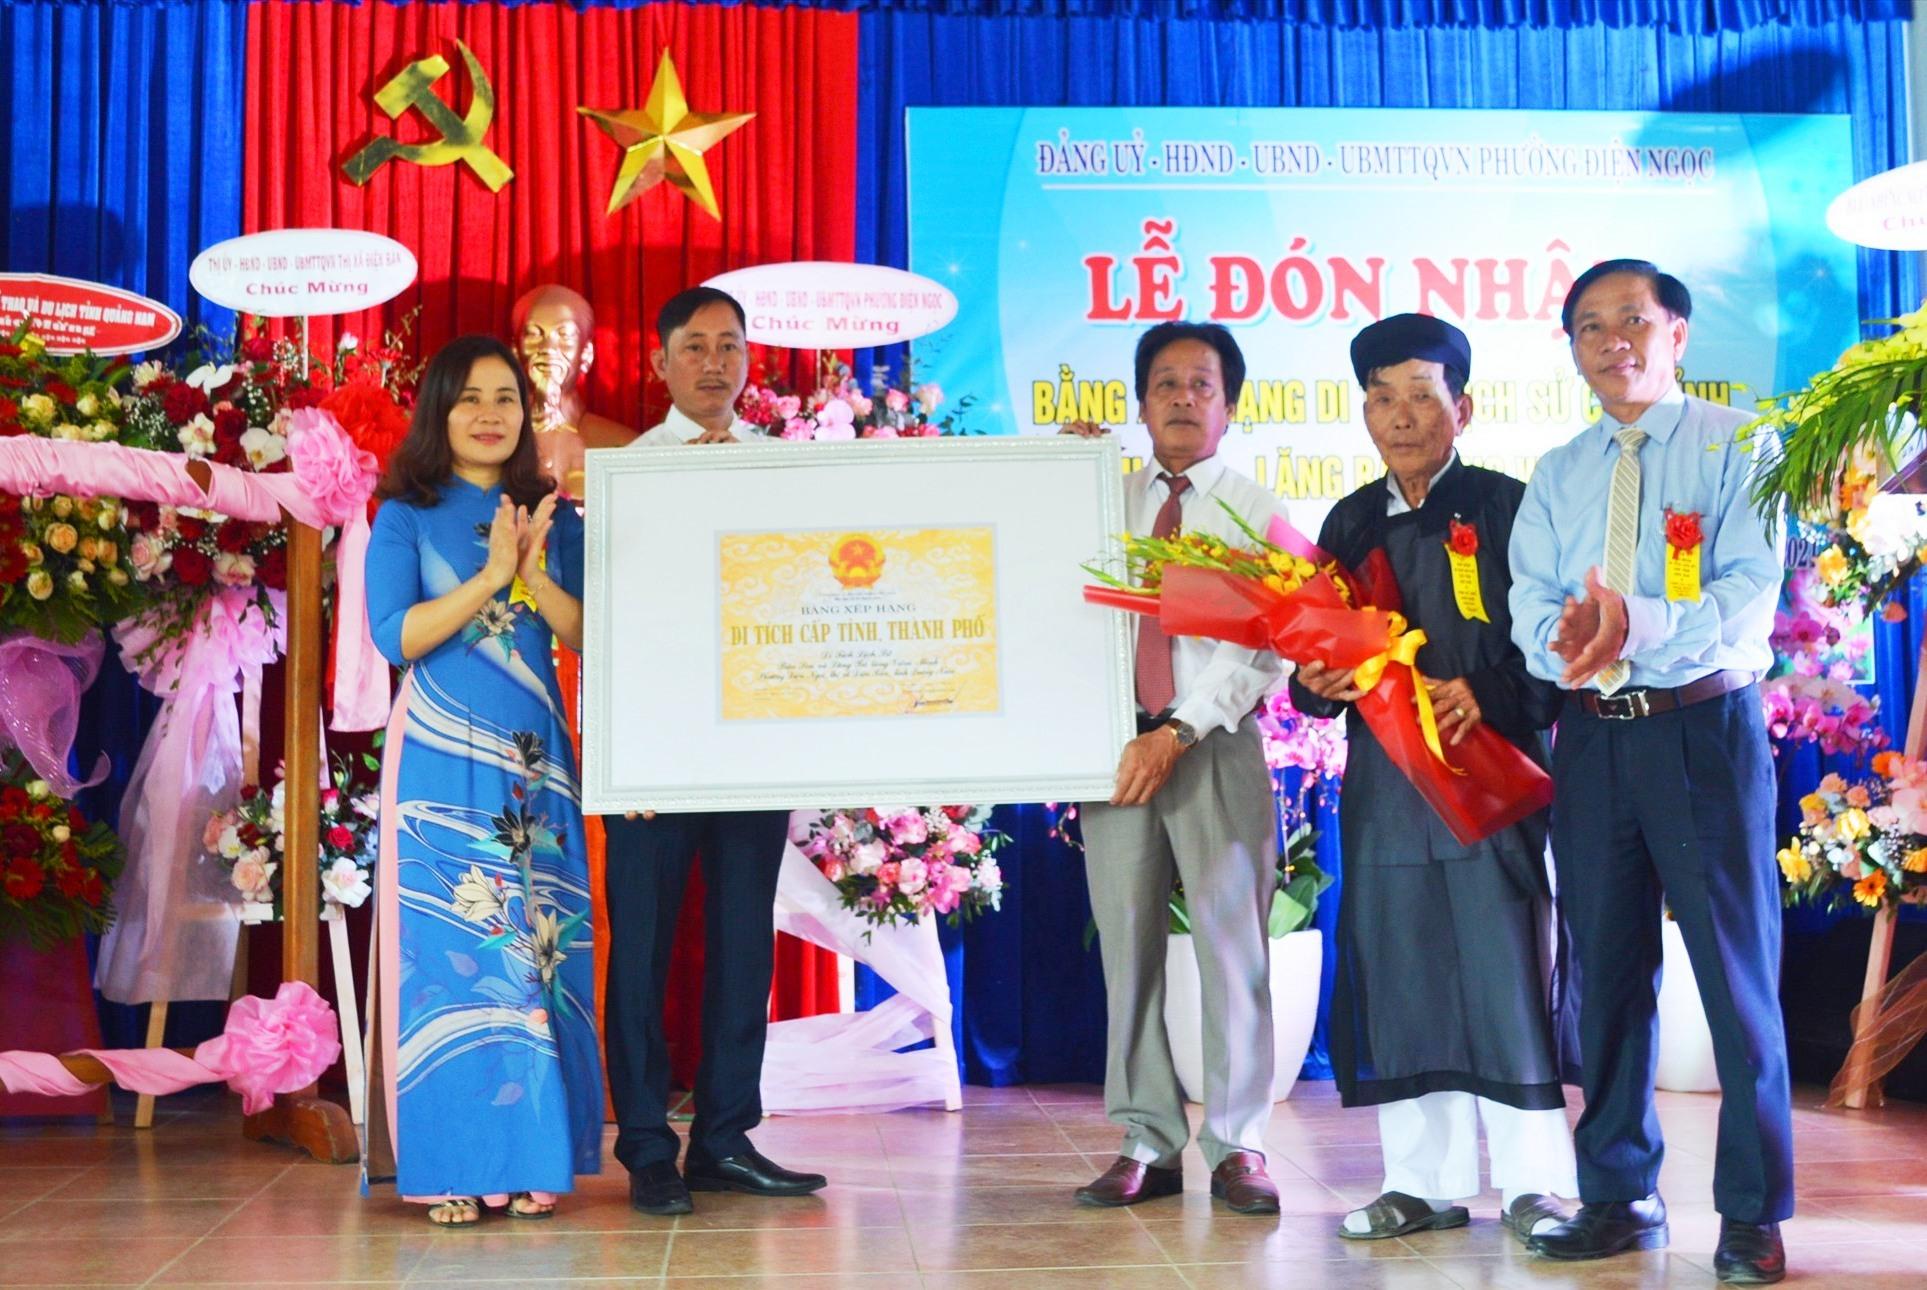 Lãnh đạo phưởng Điện Ngọc đón nhận Bằng di tích lịch sử Bàu Sen - Lăng Bà Viêm Minh